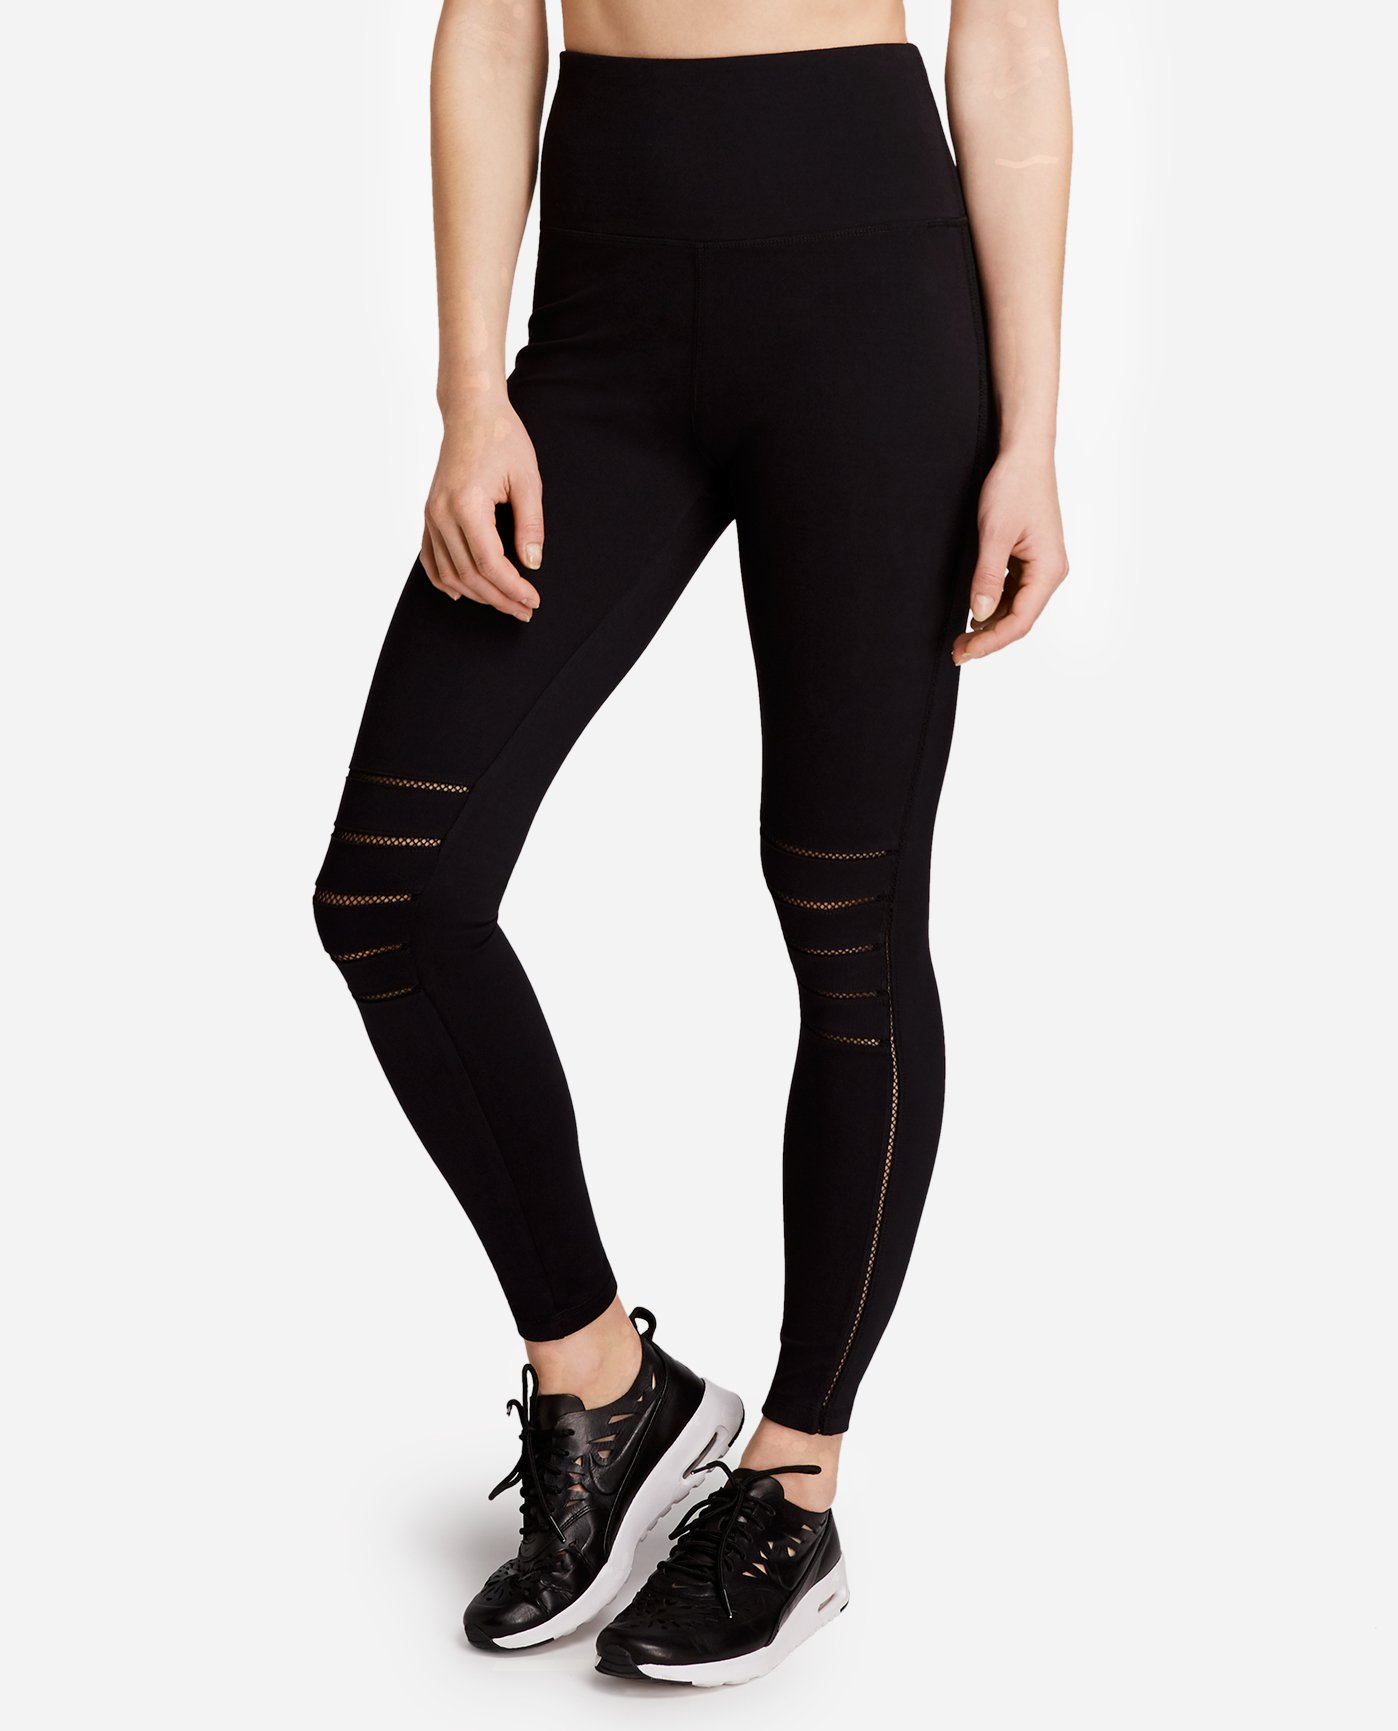 Ultra High Waist Moto Legging Jenna Dewan X Danskin